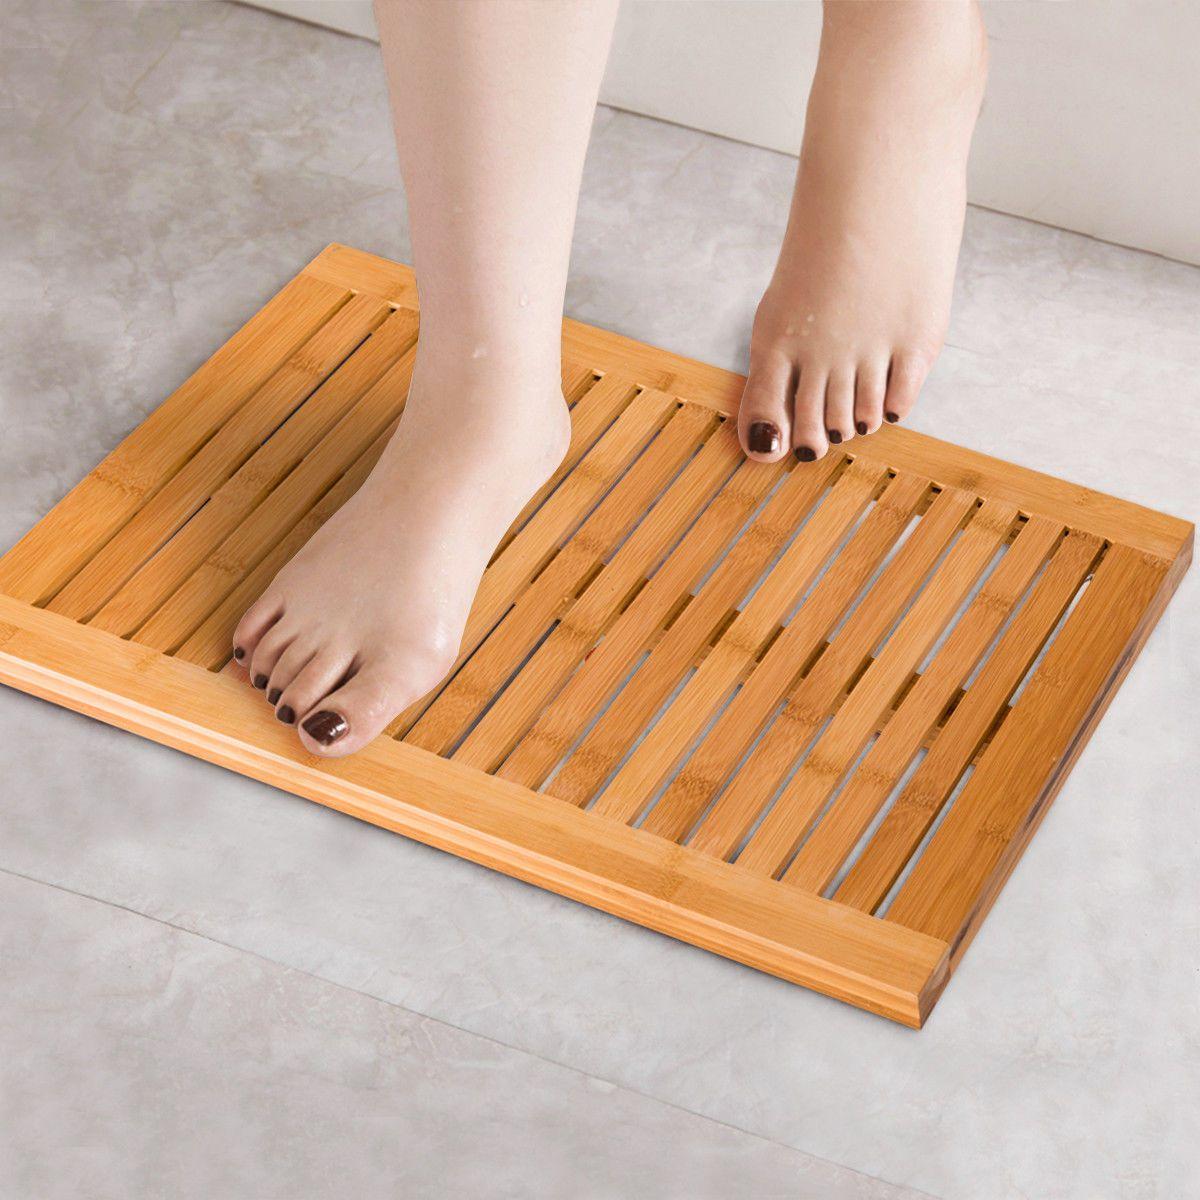 acheter tapis de douche en bambou tapis de sol pour salle de bains spa sauna antiderapant et resistant a la moisissure de 24 62 du huangxinxin16